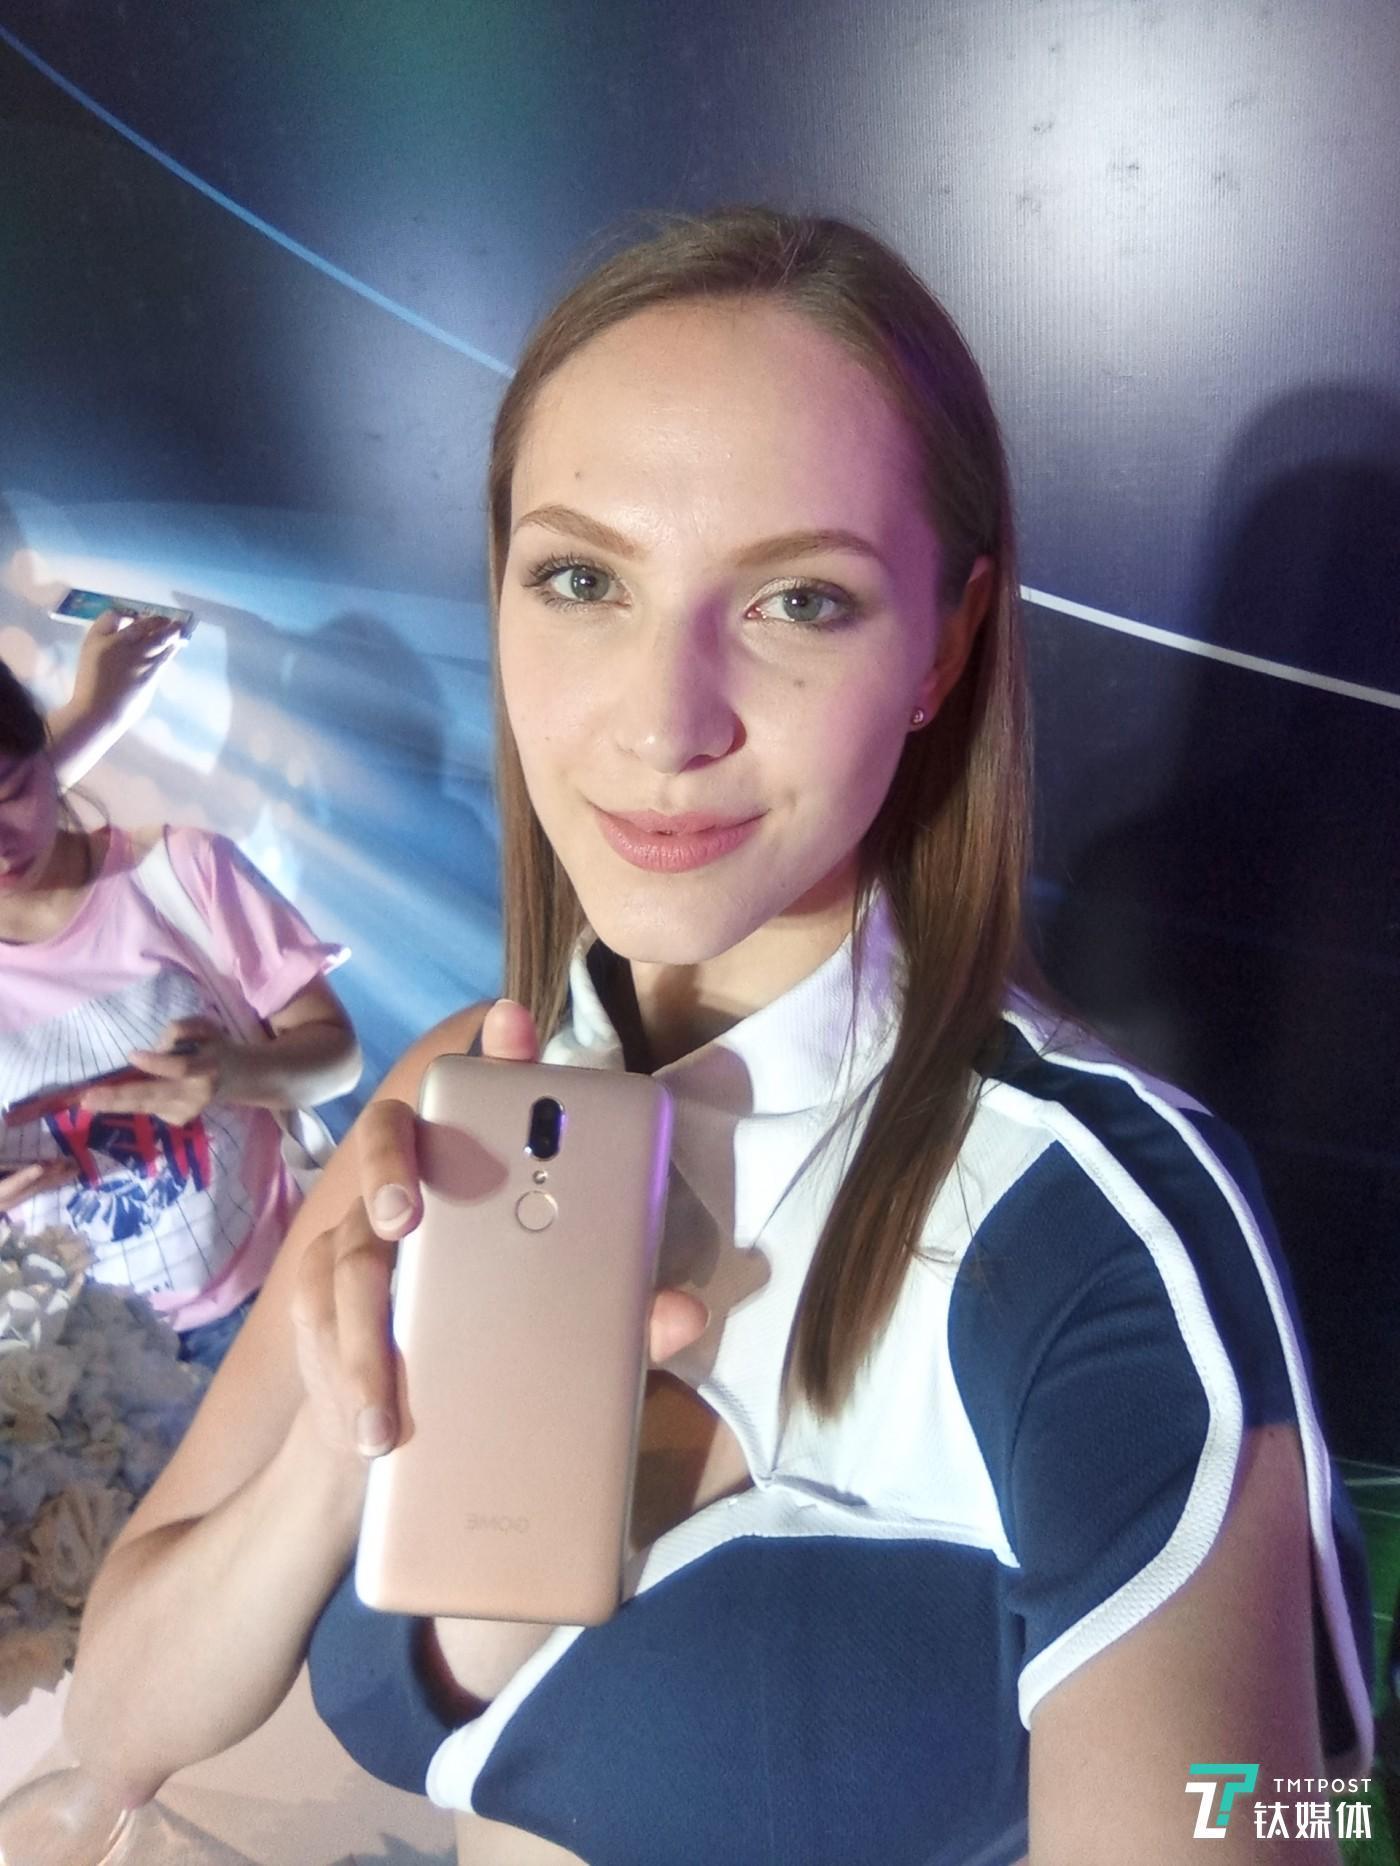 现场模特用该手机自拍的样张